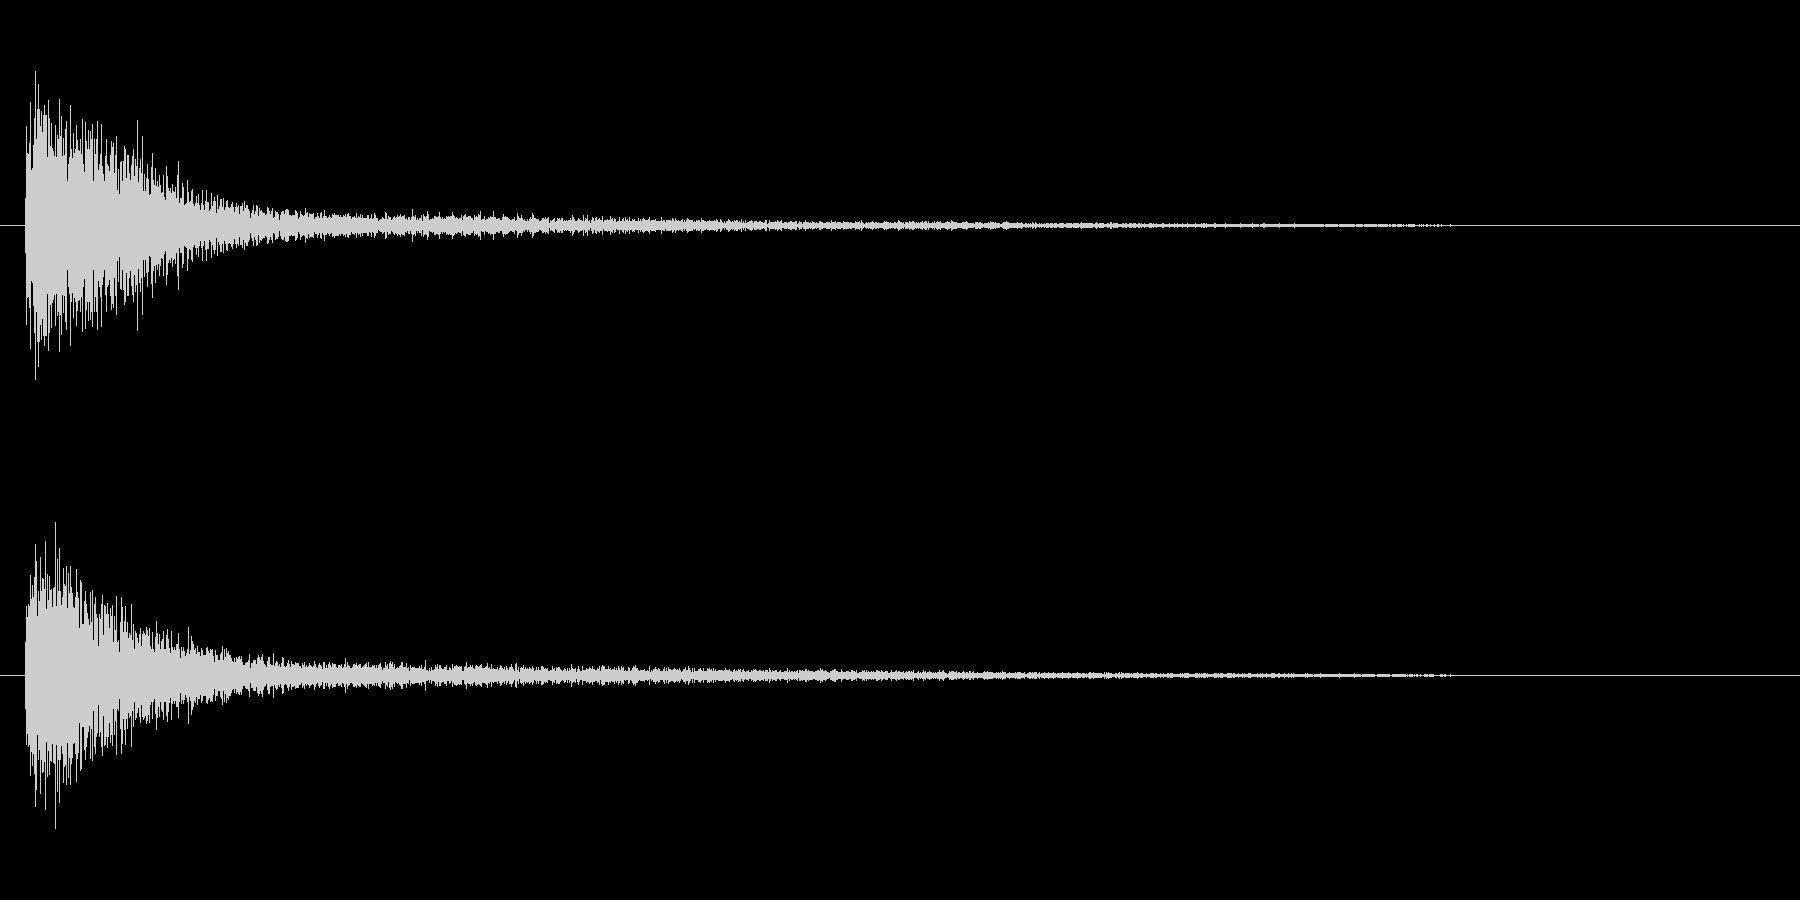 ピアノ効果音 高めのガーン 衝撃 驚愕の未再生の波形